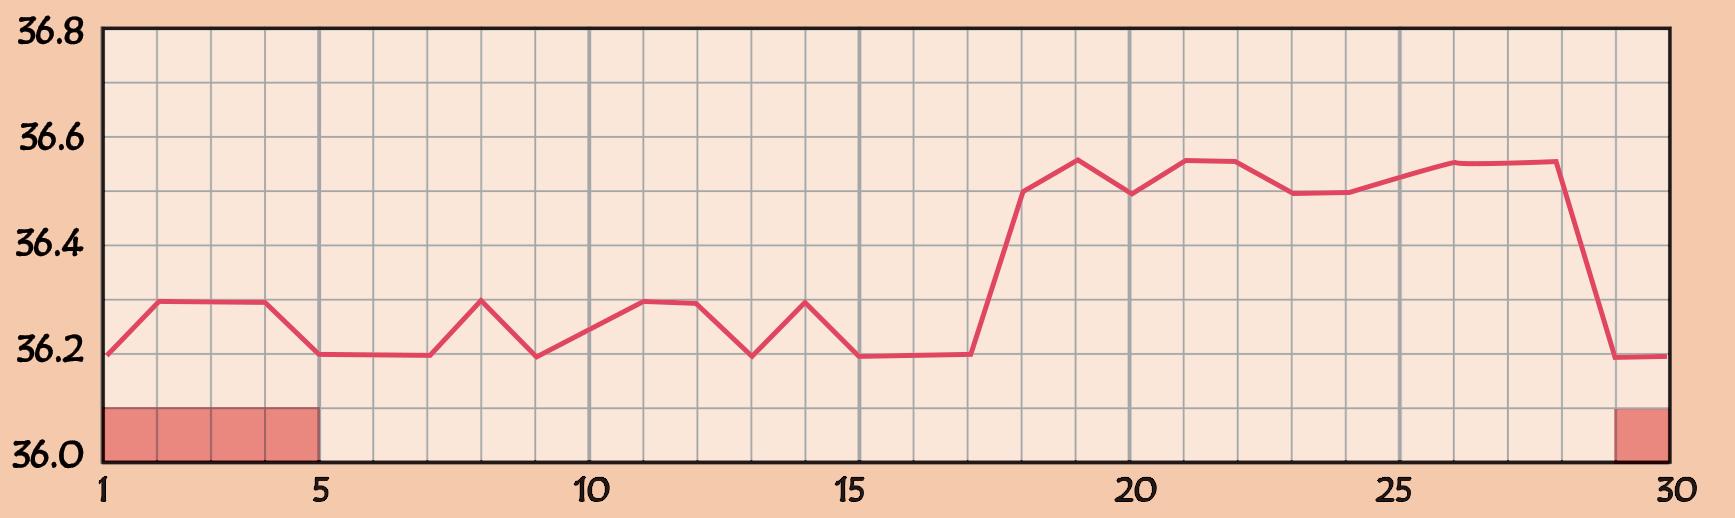 基礎体温の高温期が低いグラフ